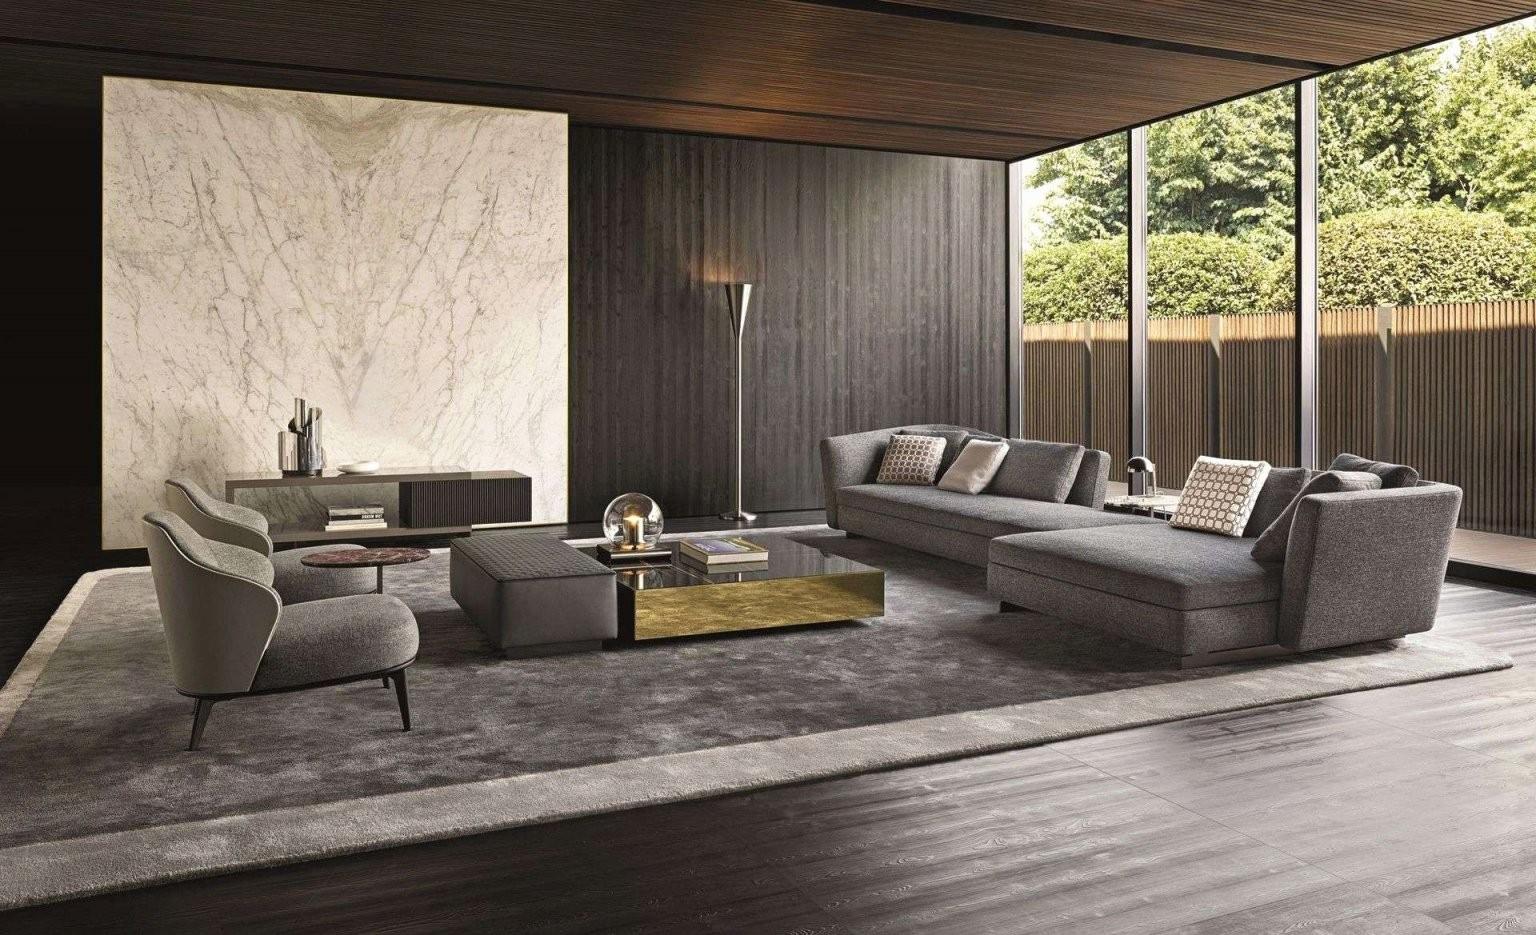 Tapeten Design Modern Schön Wohnzimmer Tapezieren Ideen Ideen von Tapeten Design Ideen Schlafzimmer Bild